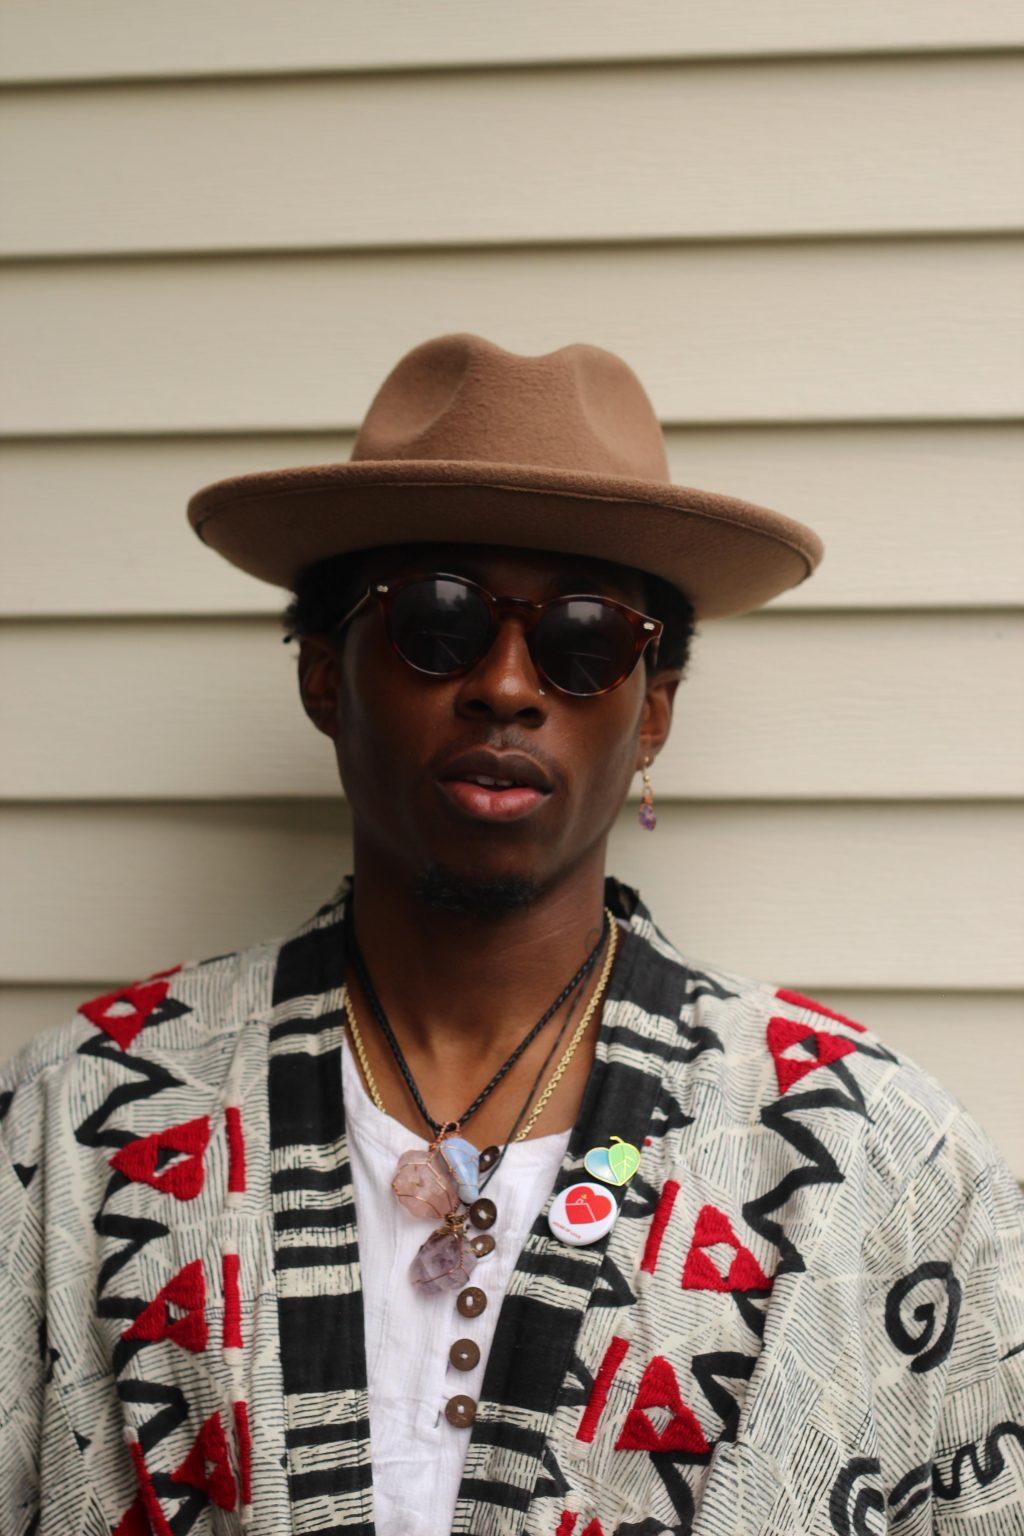 Personal Trainer Atlanta, Georgia - Lamar M